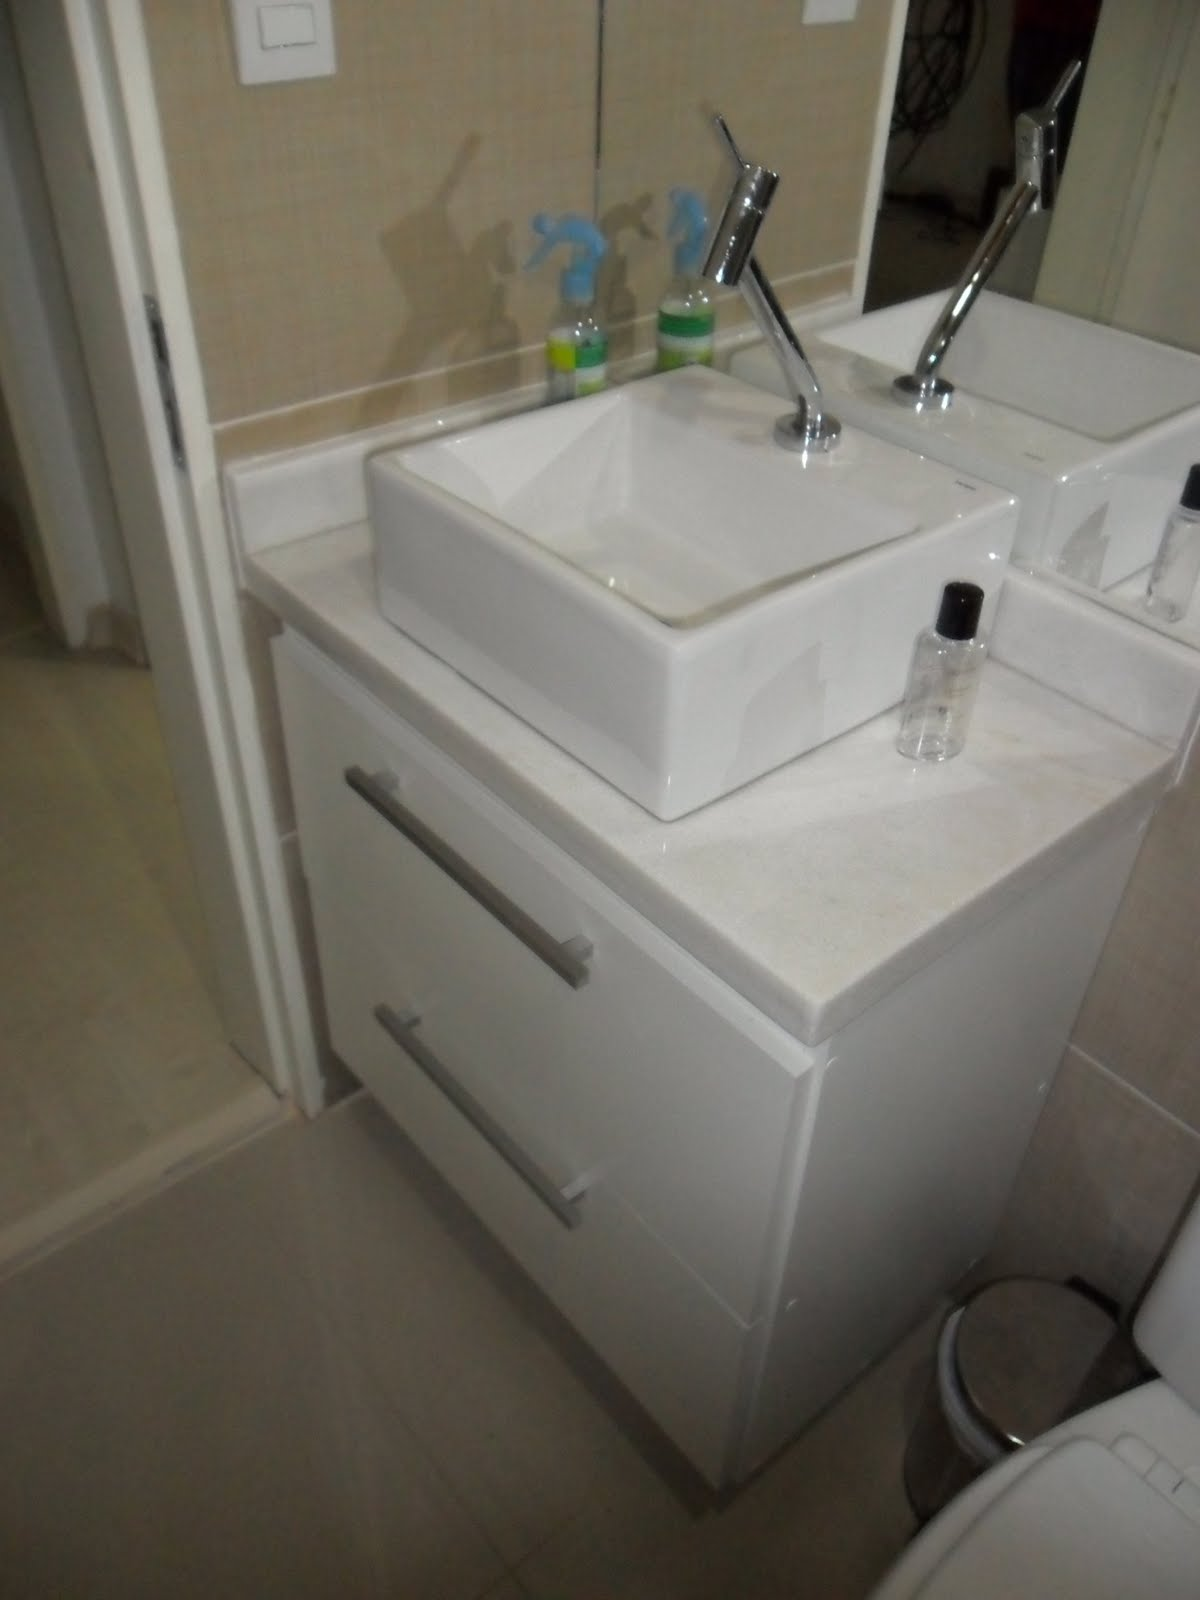 Arquitetura: Cozinha e Banheiro de apartamento renovados!!! #4A636D 1200 1600